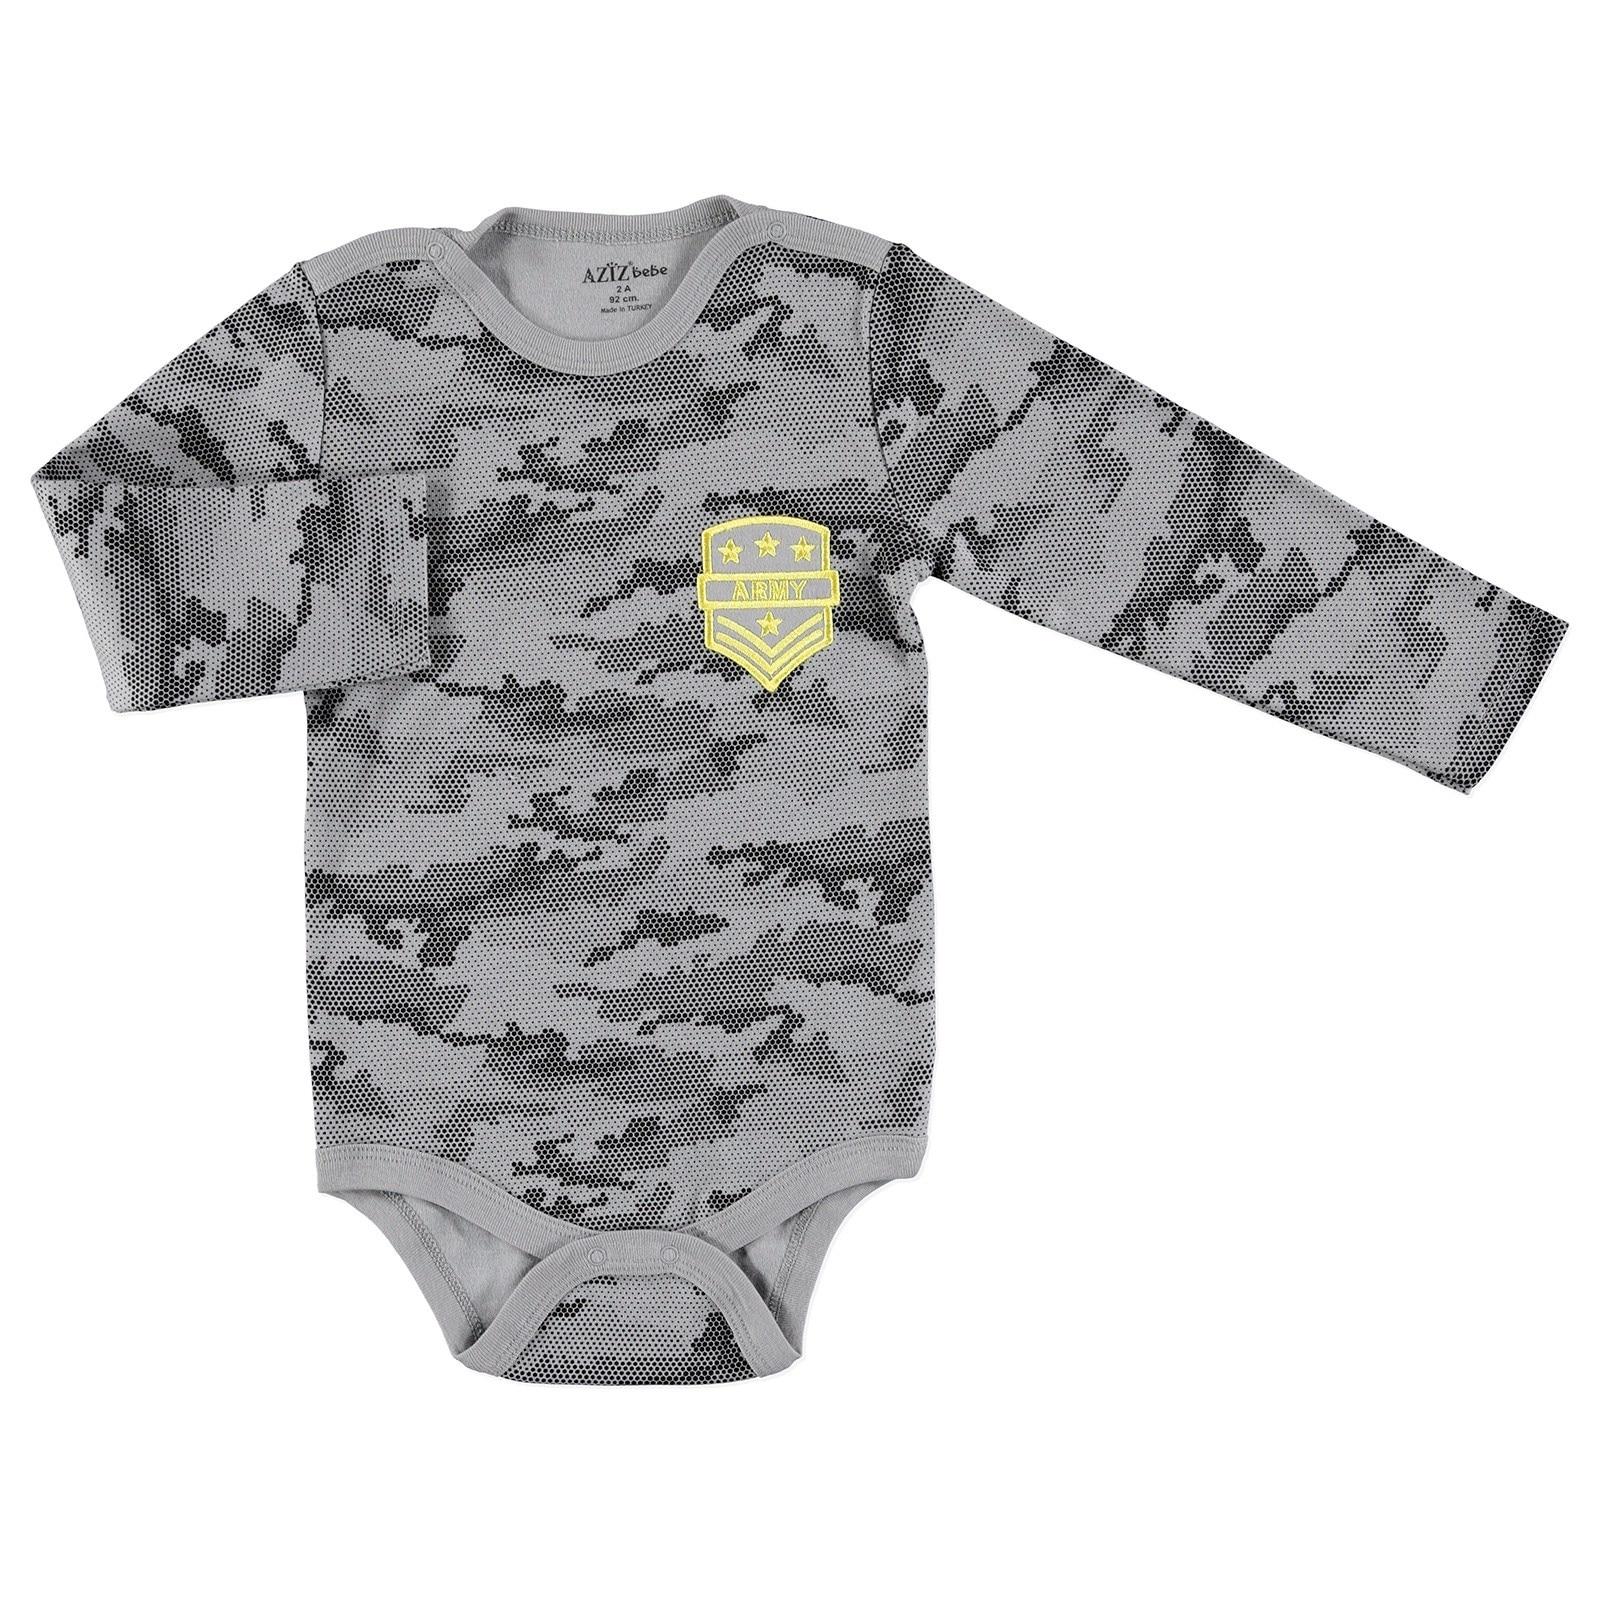 Ebebek Aziz Bebe Camouflage Baby Snaps Collar Long Sleeve Bodysuit